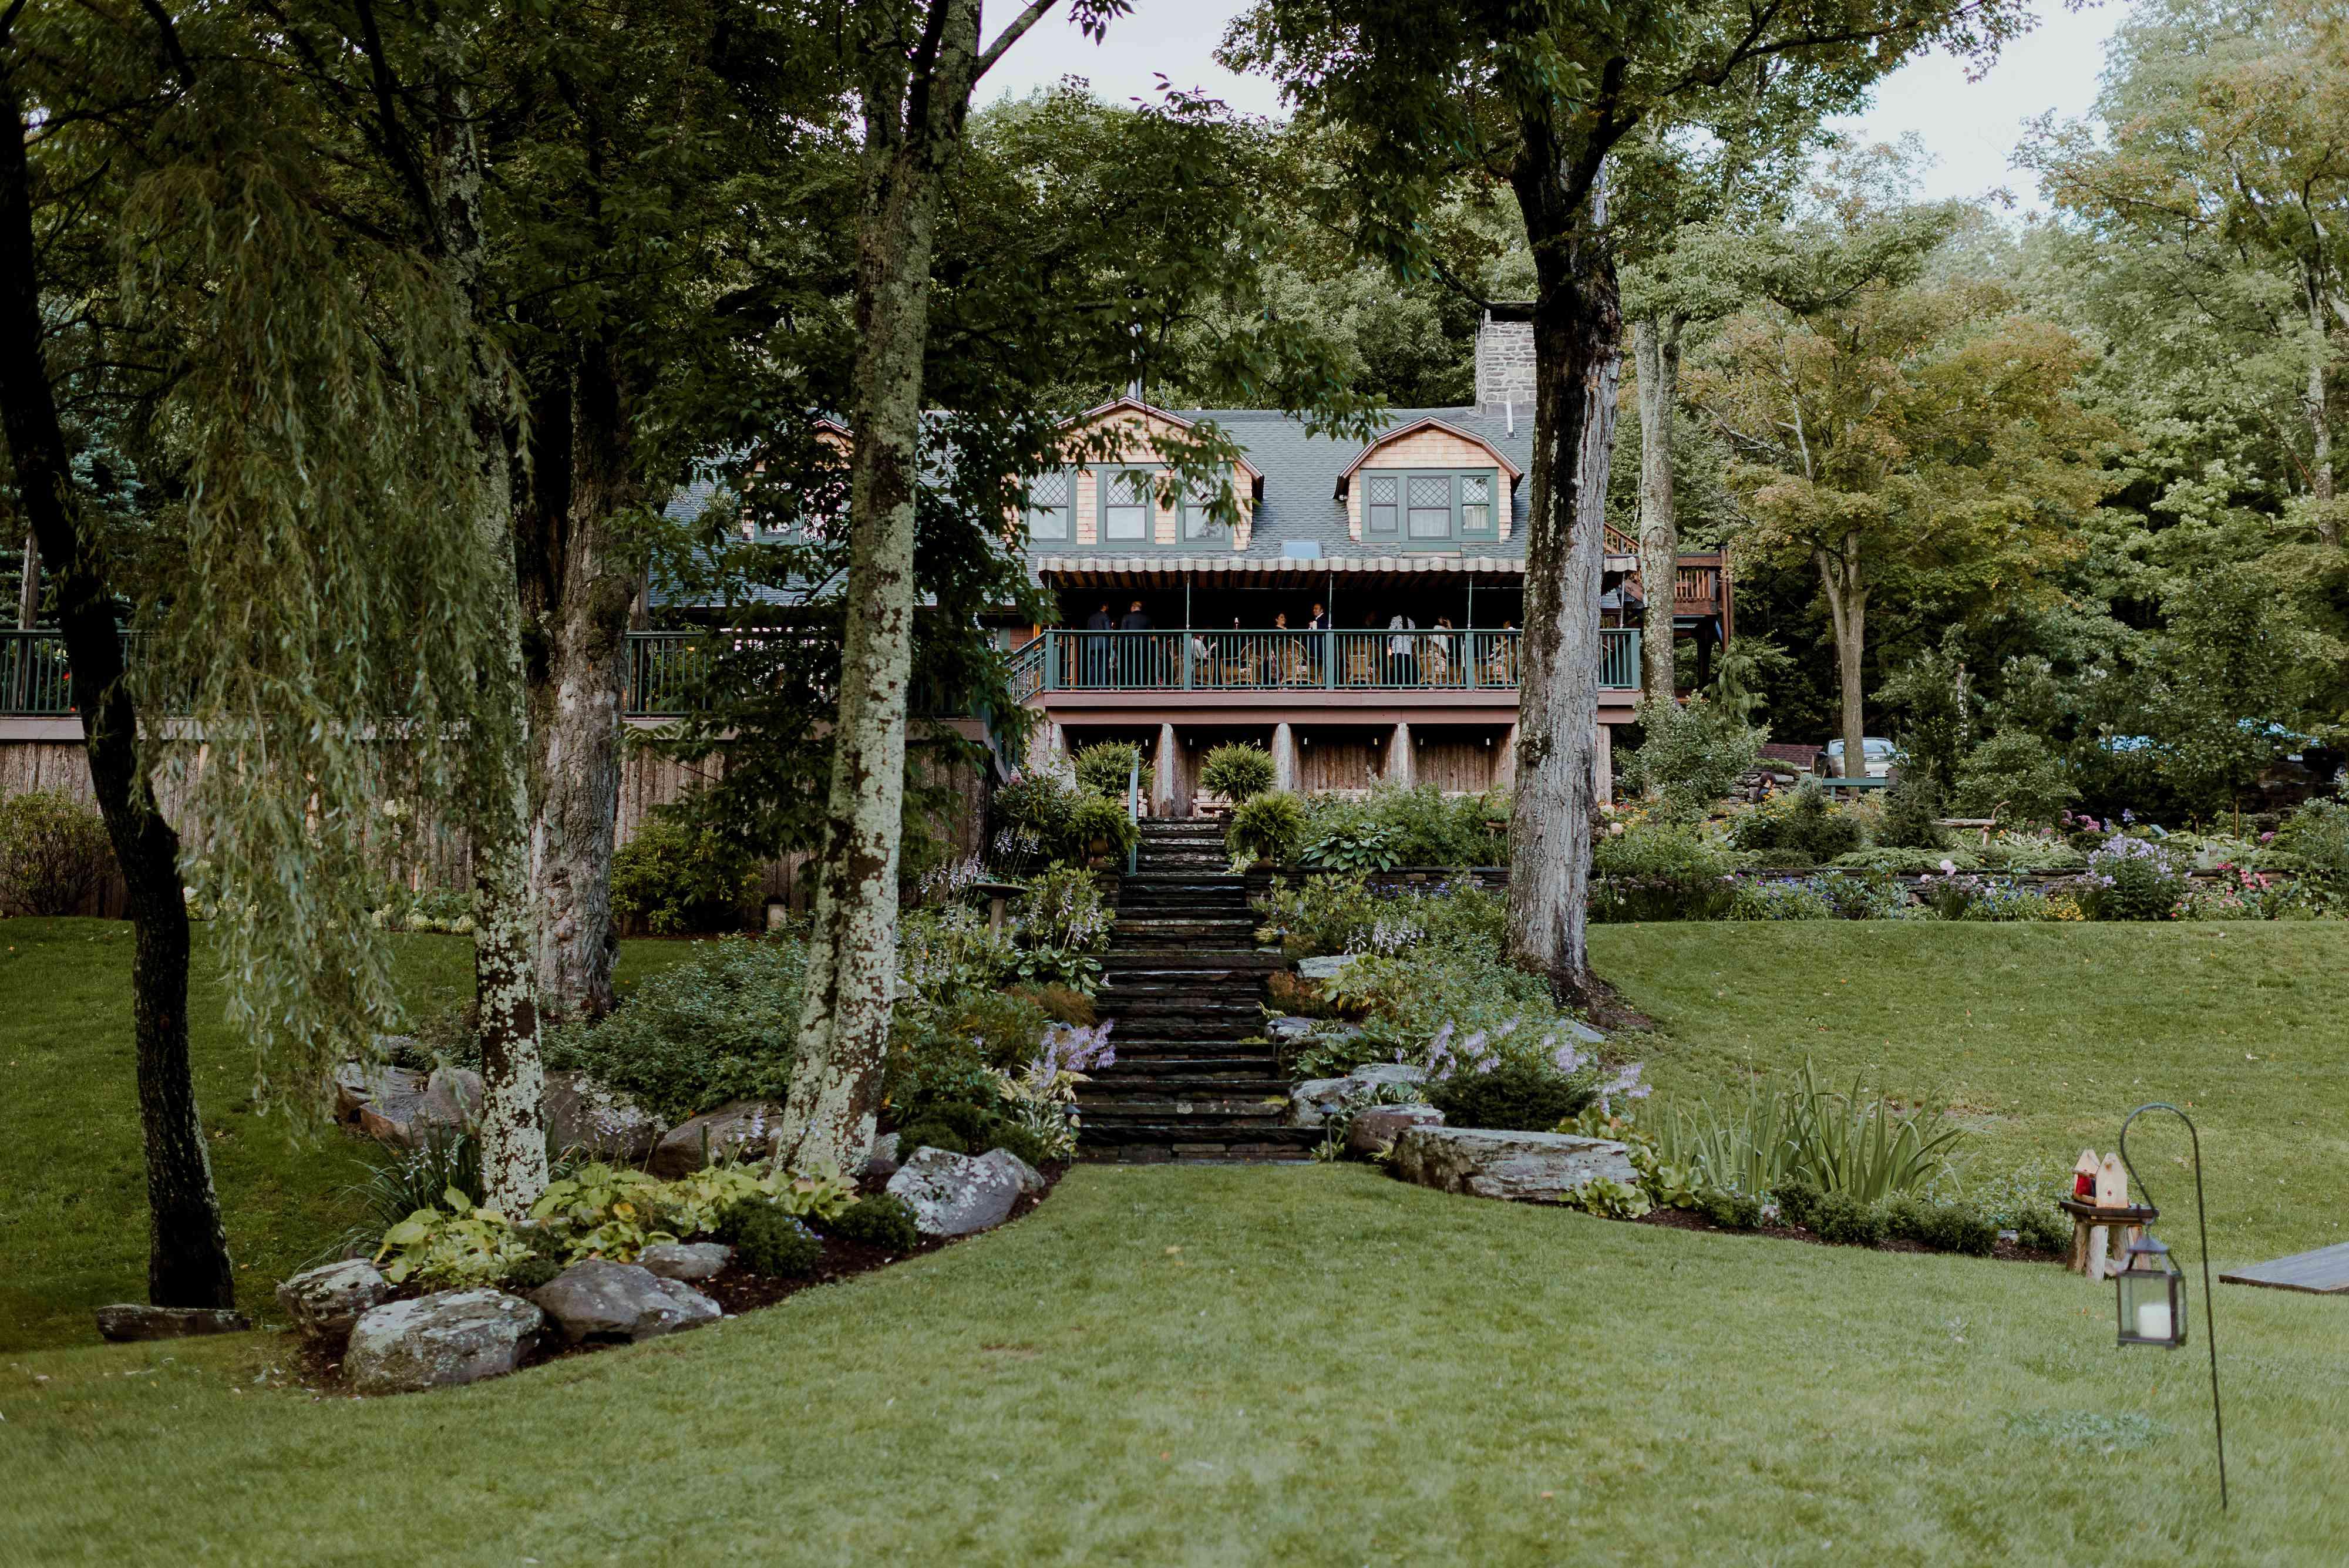 Wedding venue location